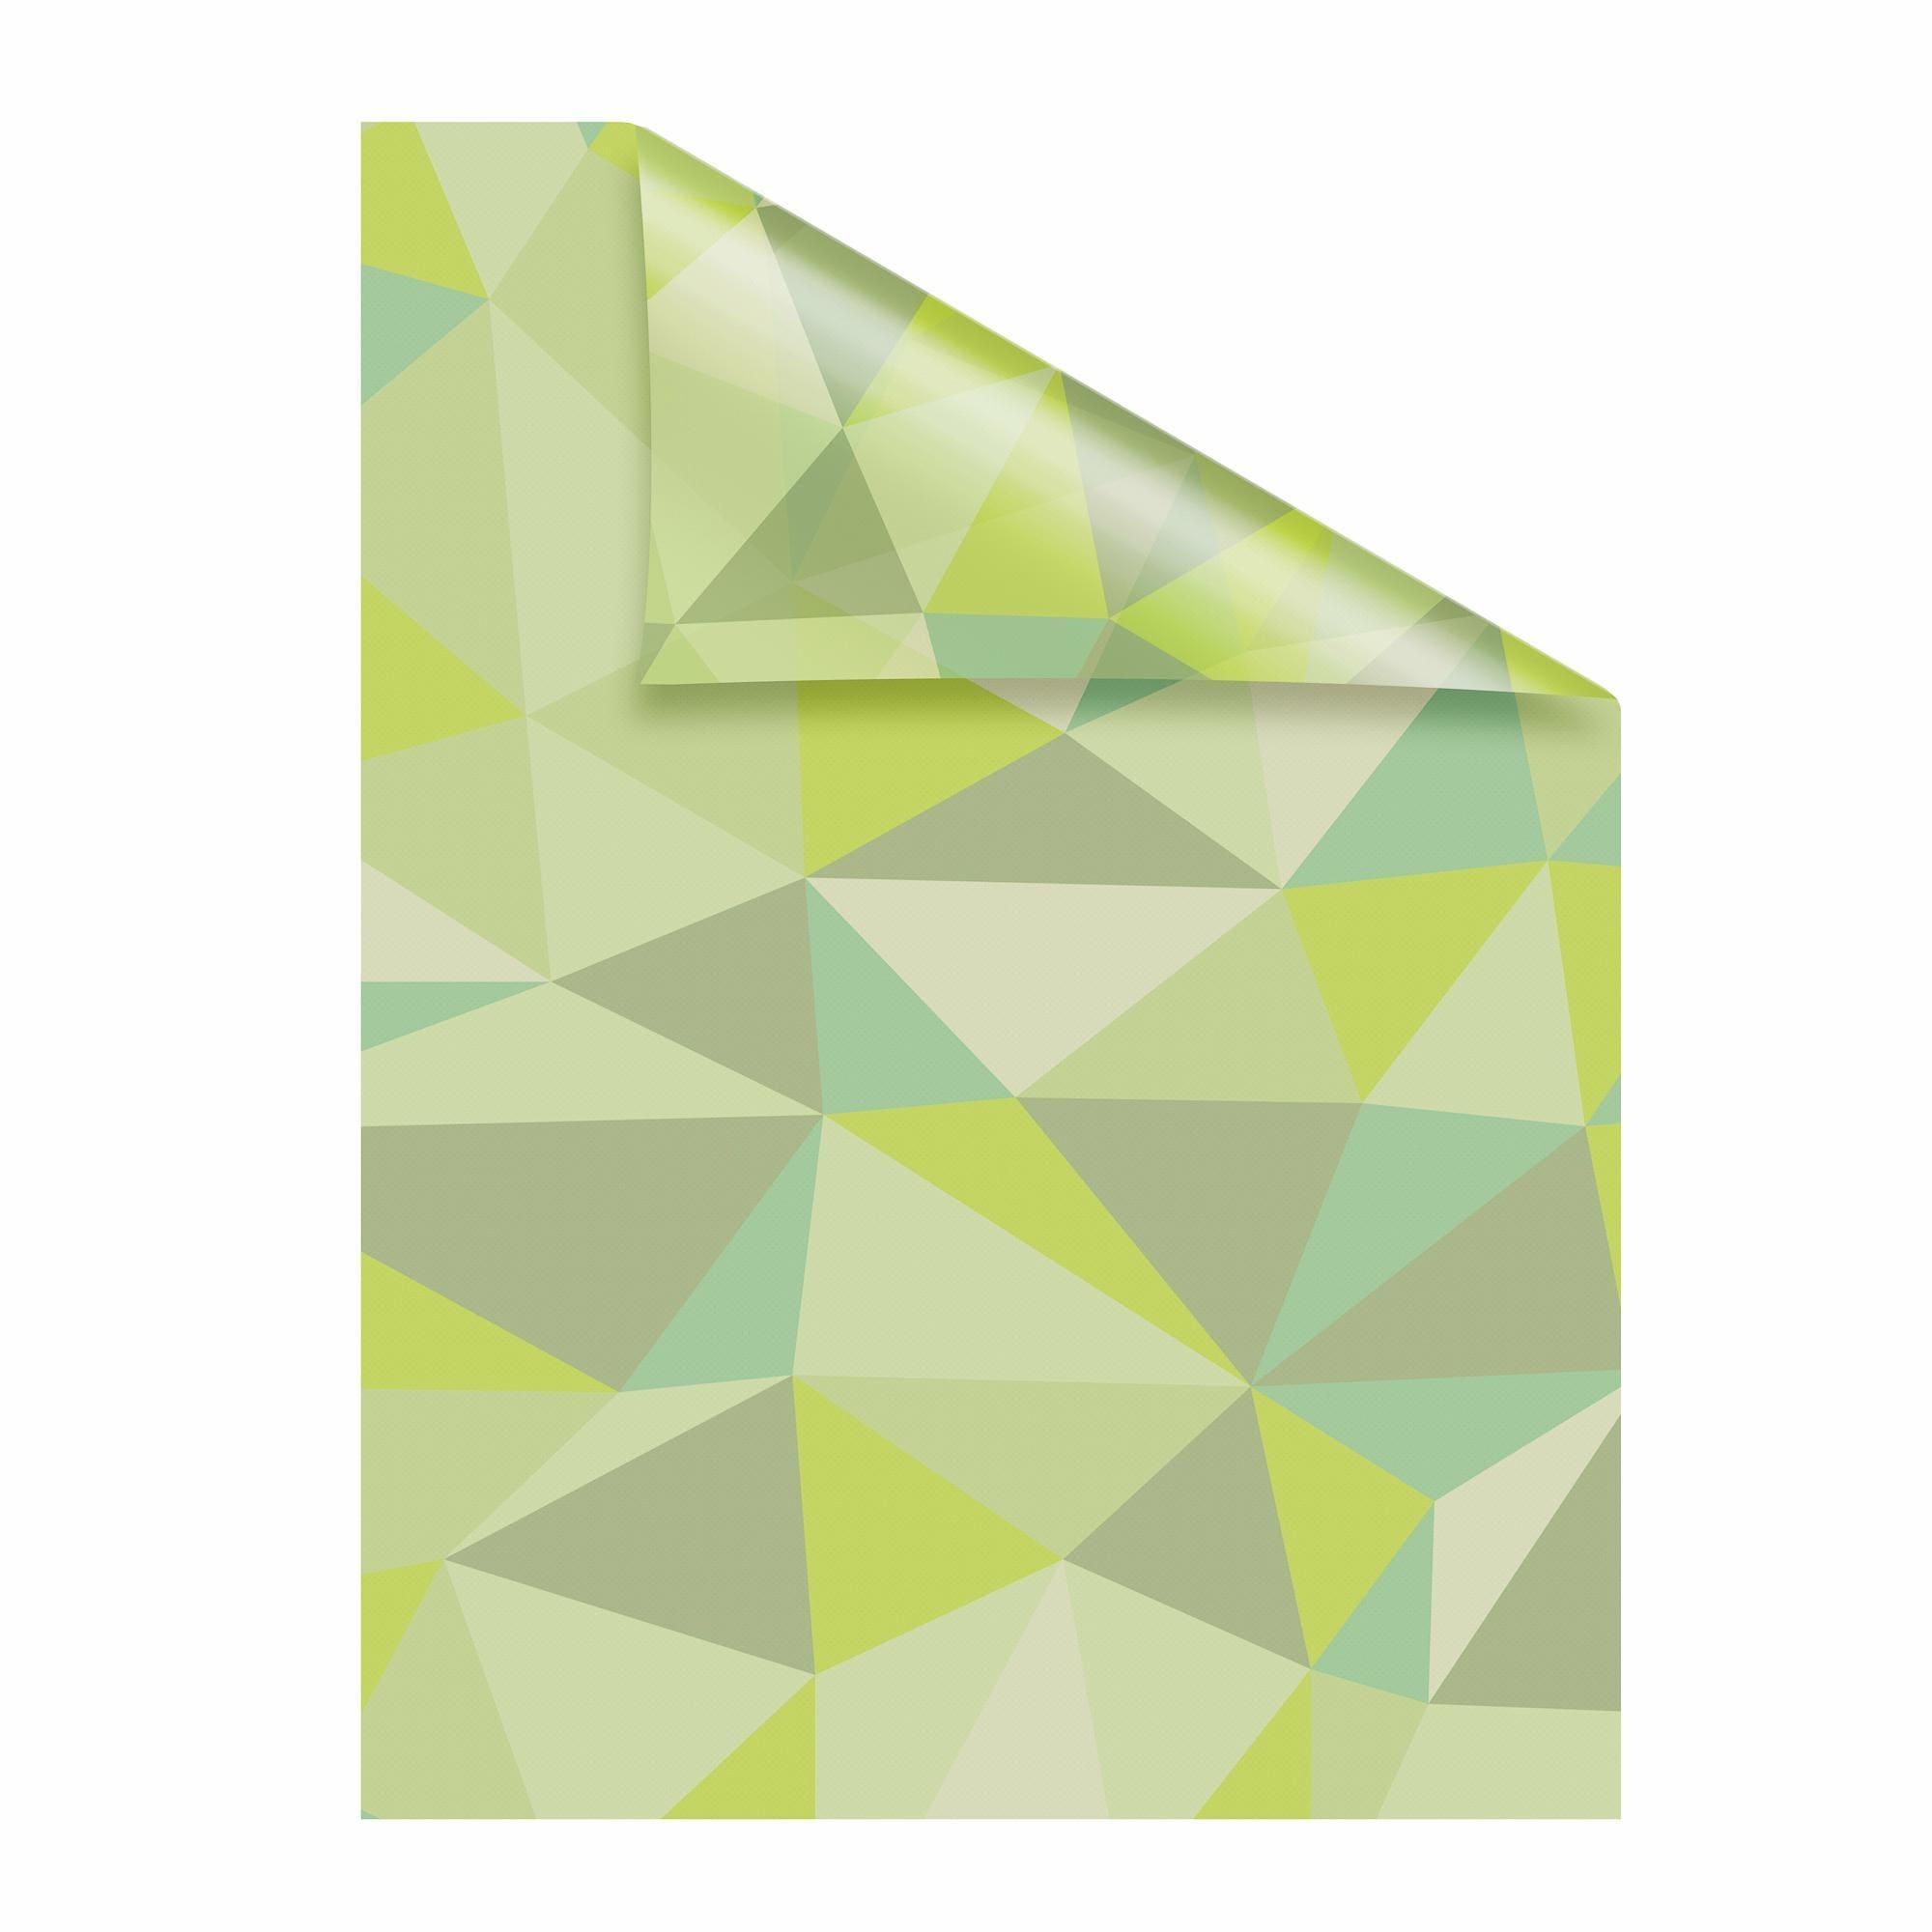 Fensterfolie, Pattern Dreiecke, LICHTBLICK, blickdicht, strukturiert günstig online kaufen